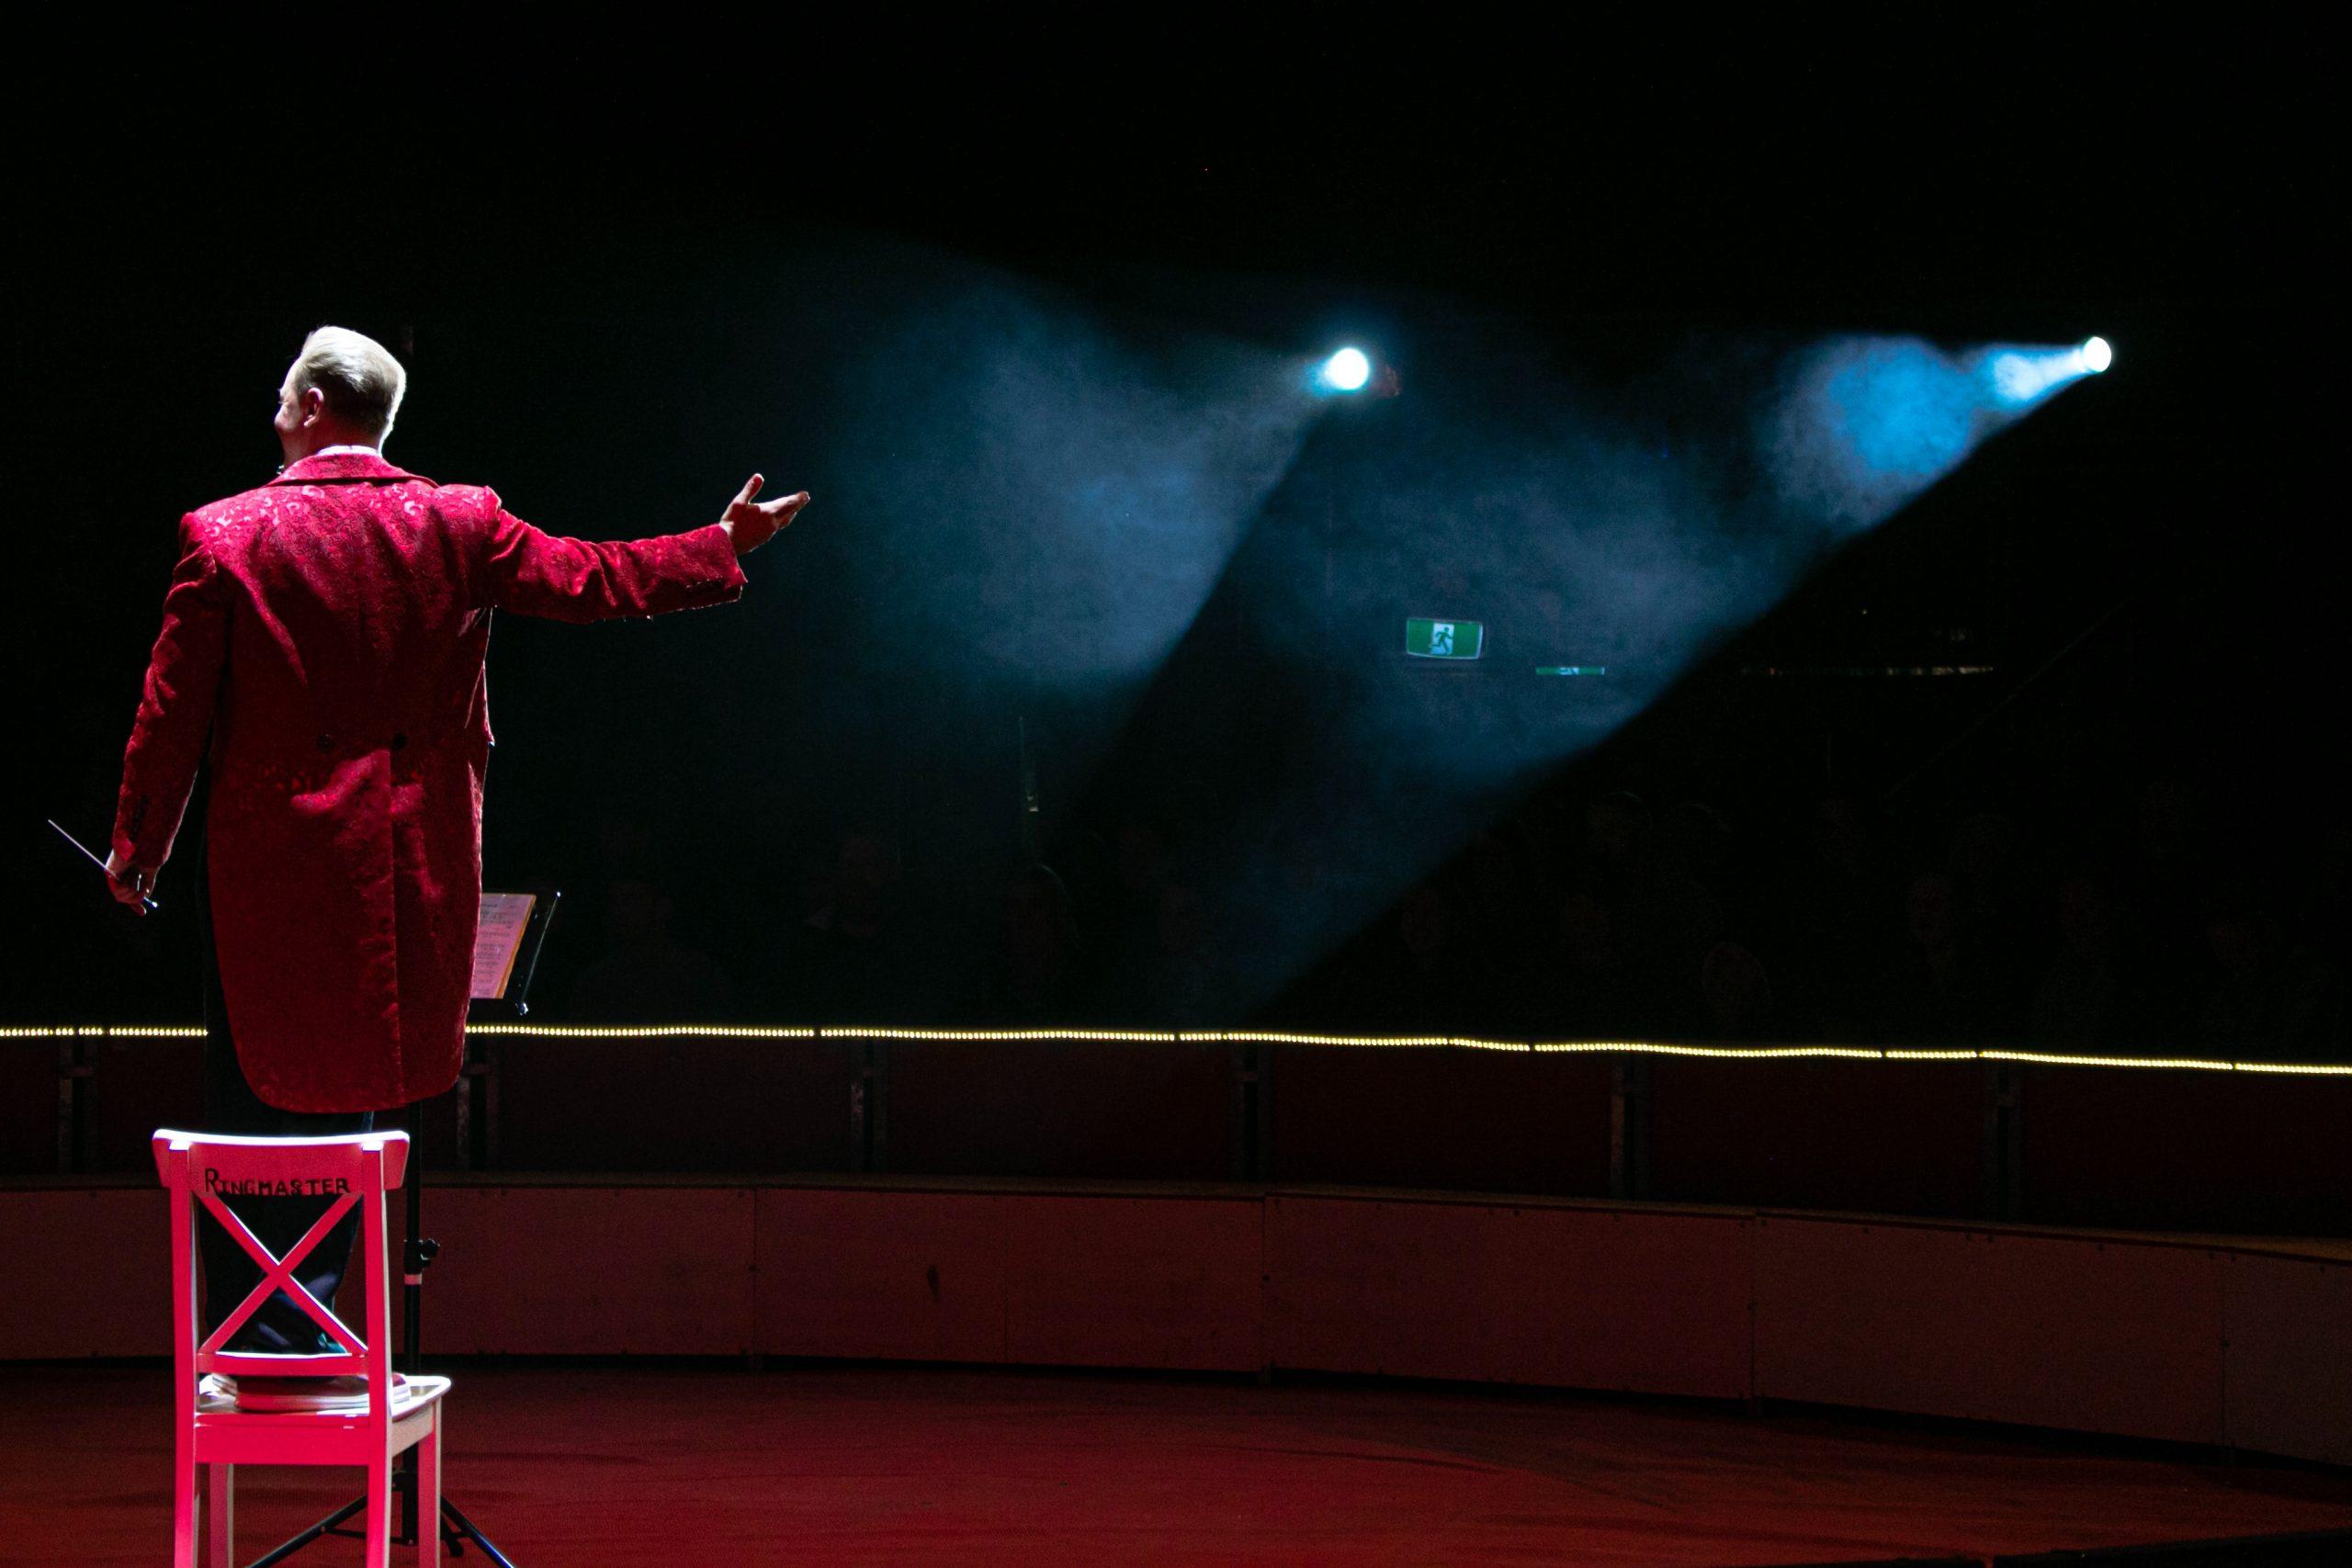 Începe Festivalul Internațional de Teatru de la Sibiu. Peste 2.000 de artiști din toate colțurile lumii vor transforma orașul pentru zece zile